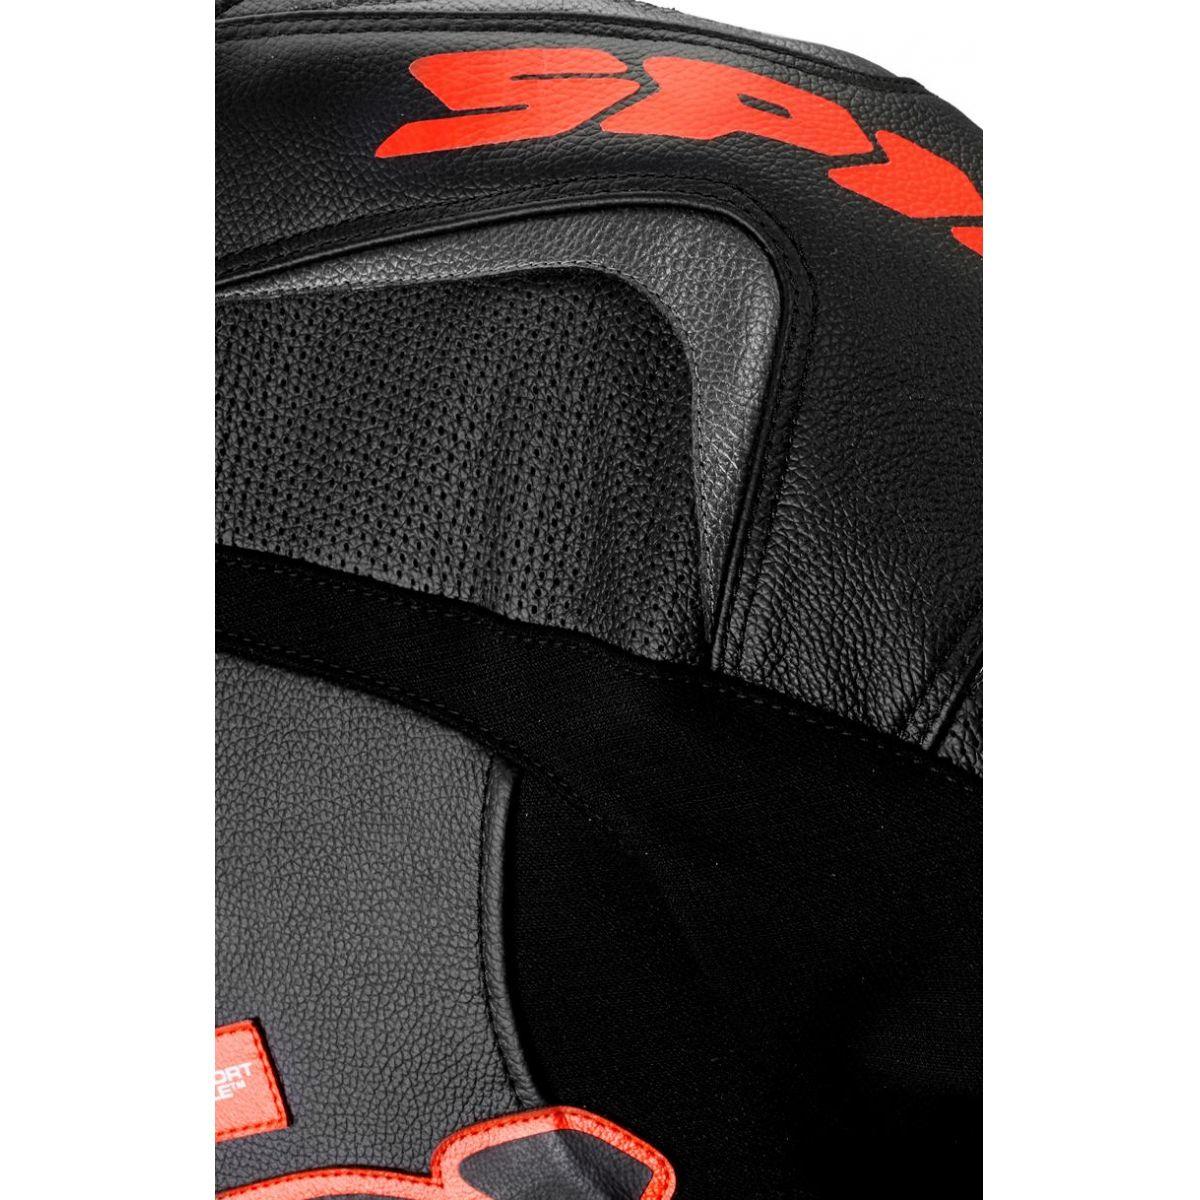 Macacão Spidi Super Sport Touring Preto c/ Vermelho 2pçs  - Planet Bike Shop Moto Acessórios